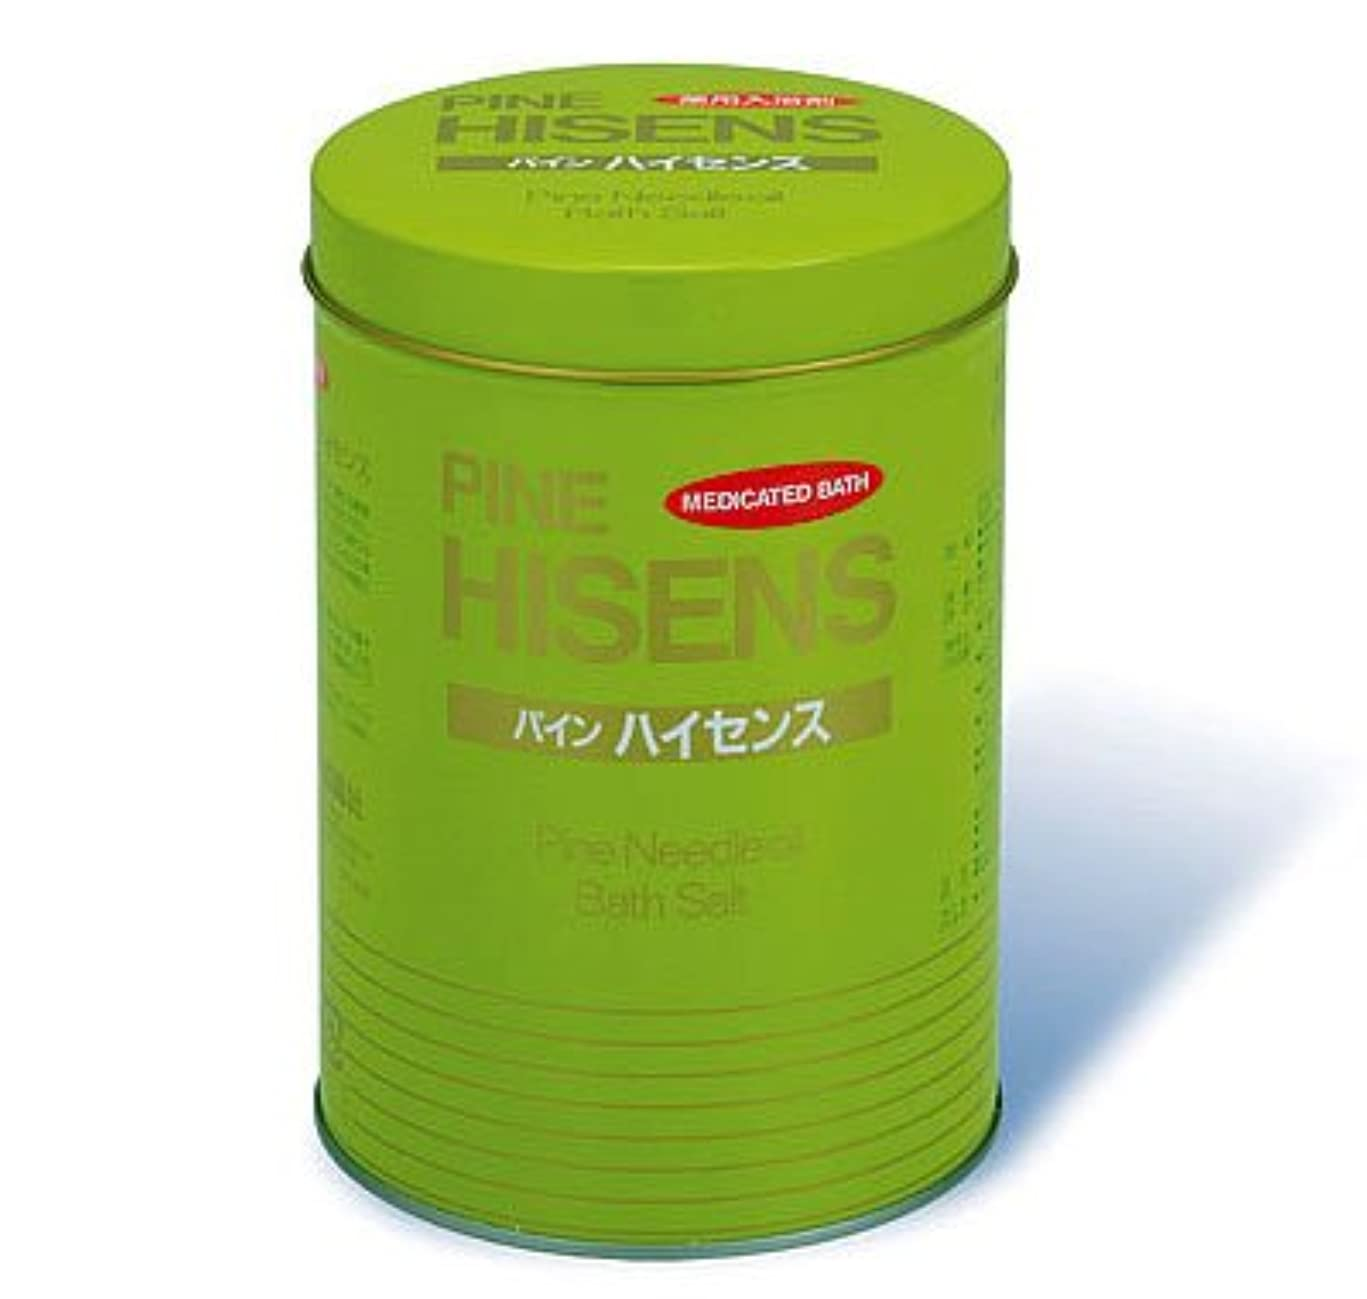 それぞれシャツページェント高陽社 薬用入浴剤 パインハイセンス 2.1kg 1缶